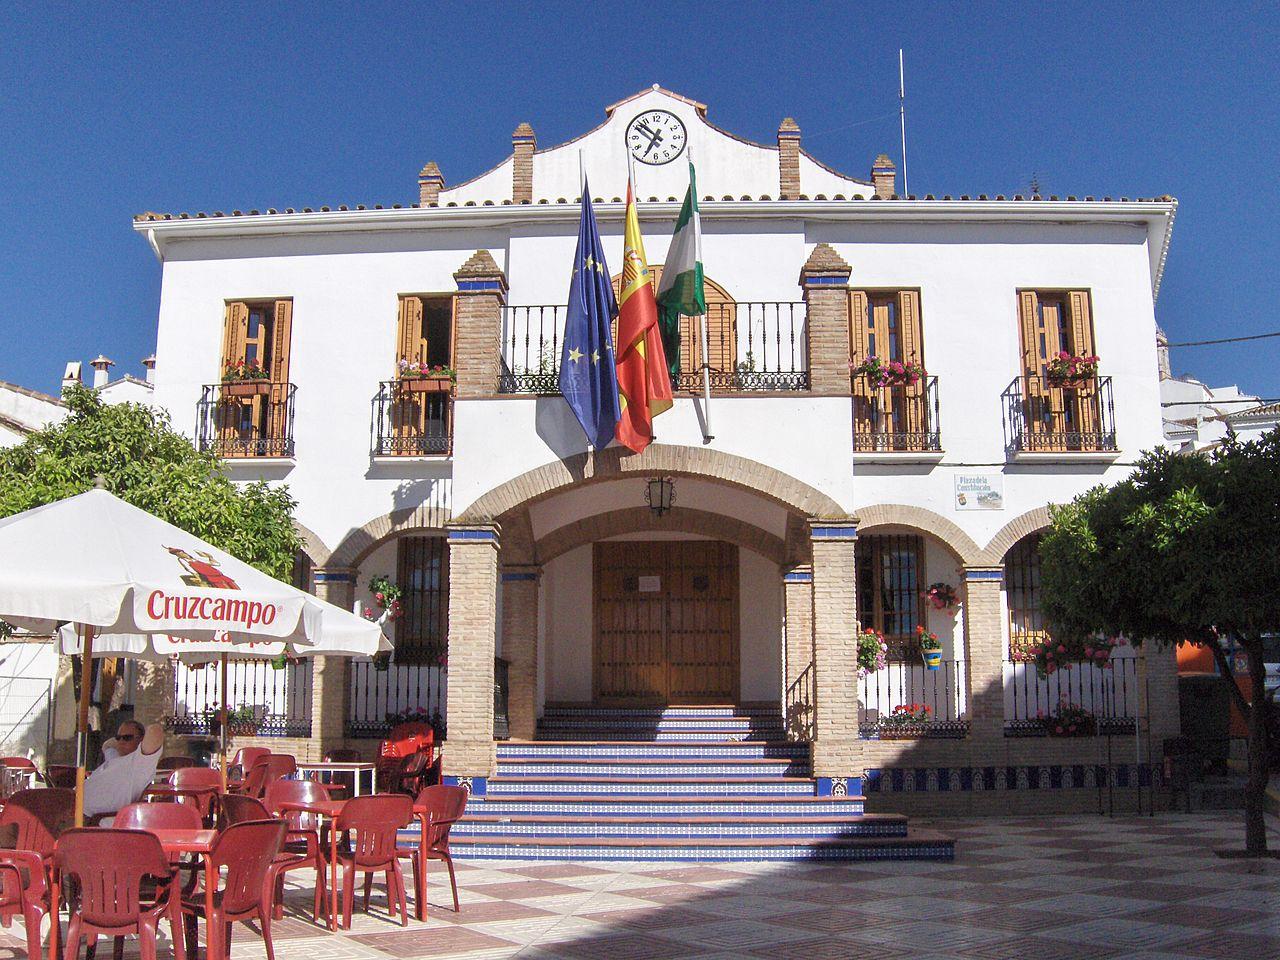 Ole y ole el bar delante del Ayuntamiento de Ardales